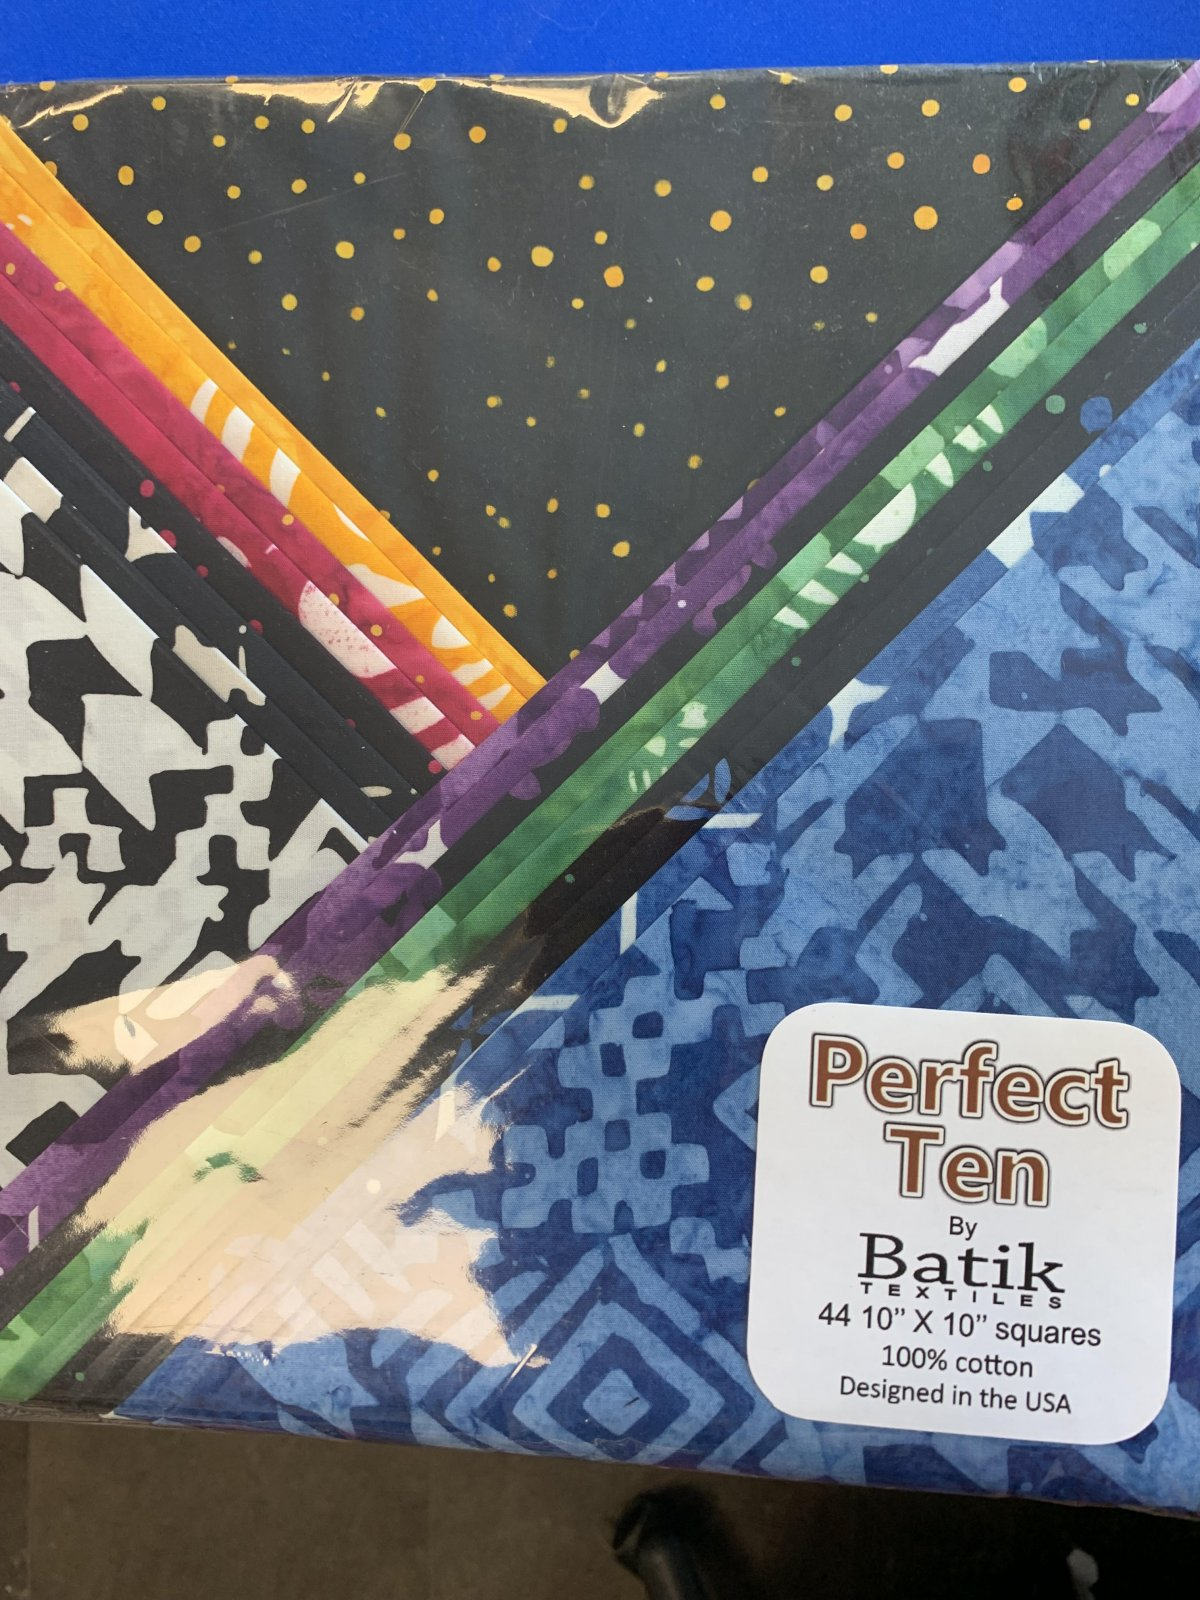 Perfect Ten by Batik